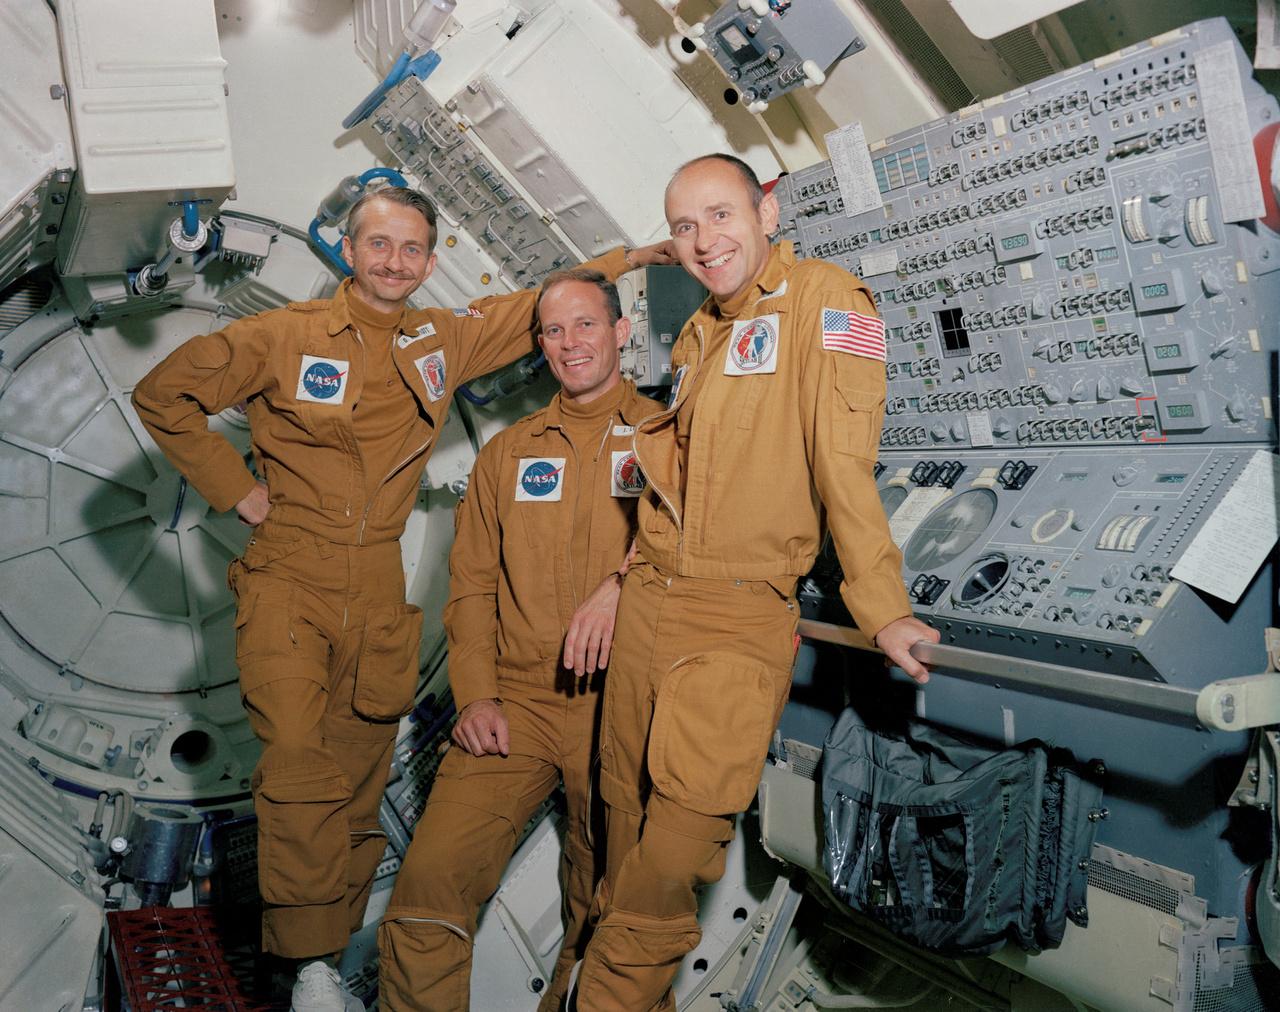 1973. június 29. A Skylab-3 háromfős legénysége Houstonban, a dokkolóadapter szimulátorában, balról jobbra:  Owen K. Garriott (tudományos tiszt), Jack R. Lousma (pilóta) és Alan L. Bean (parancsnok).